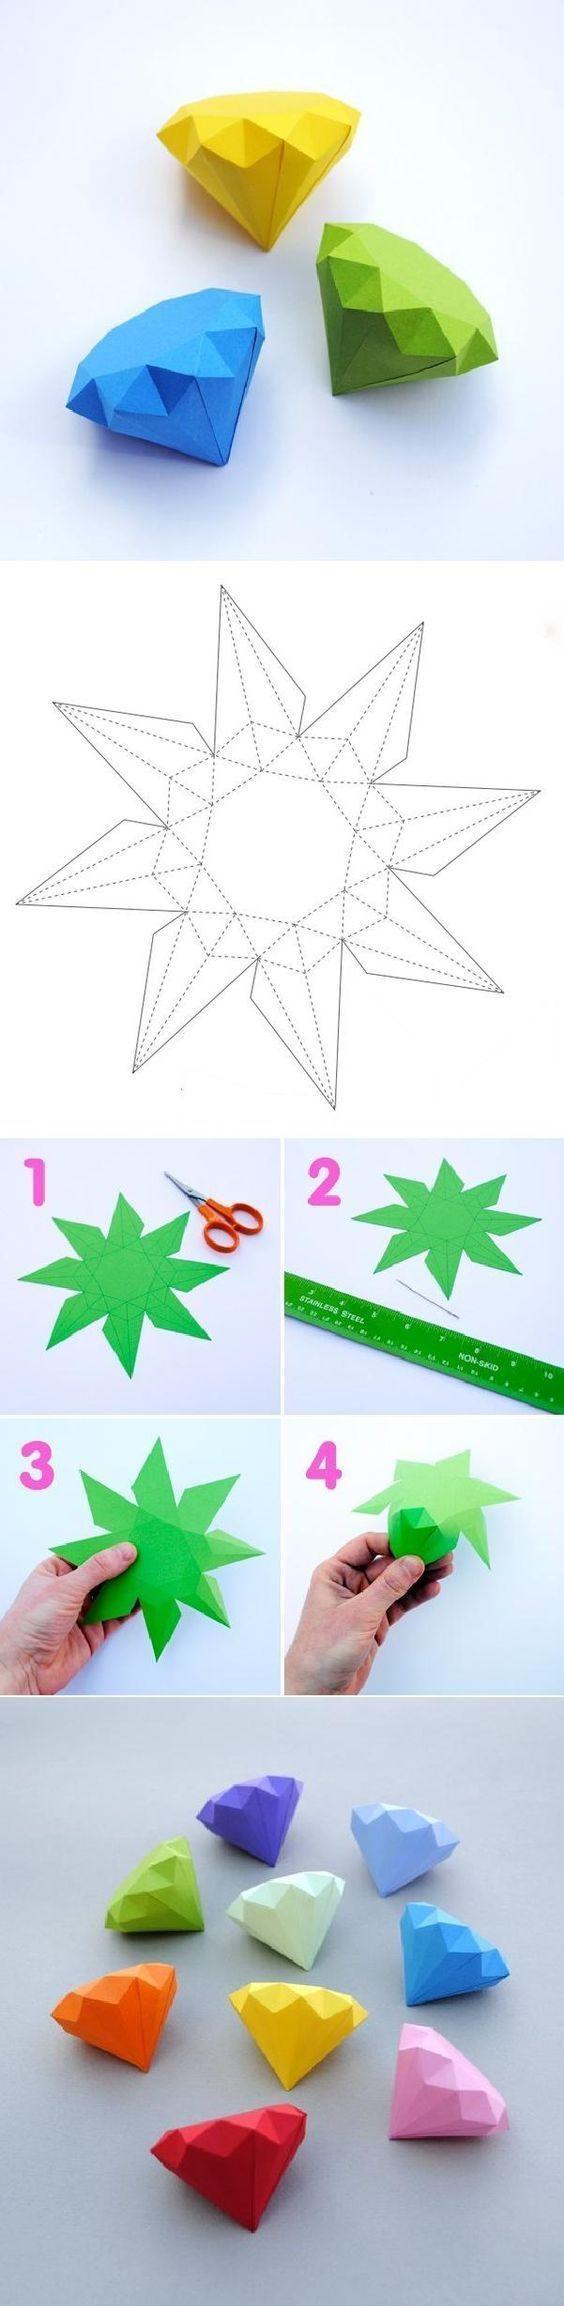 Kak Sdelat Obemnye Geometricheskie Figury Iz Bumagi Shemy Shablony Remesla Remeslennye Uchebnye Posobiya Geometricheskie Figury